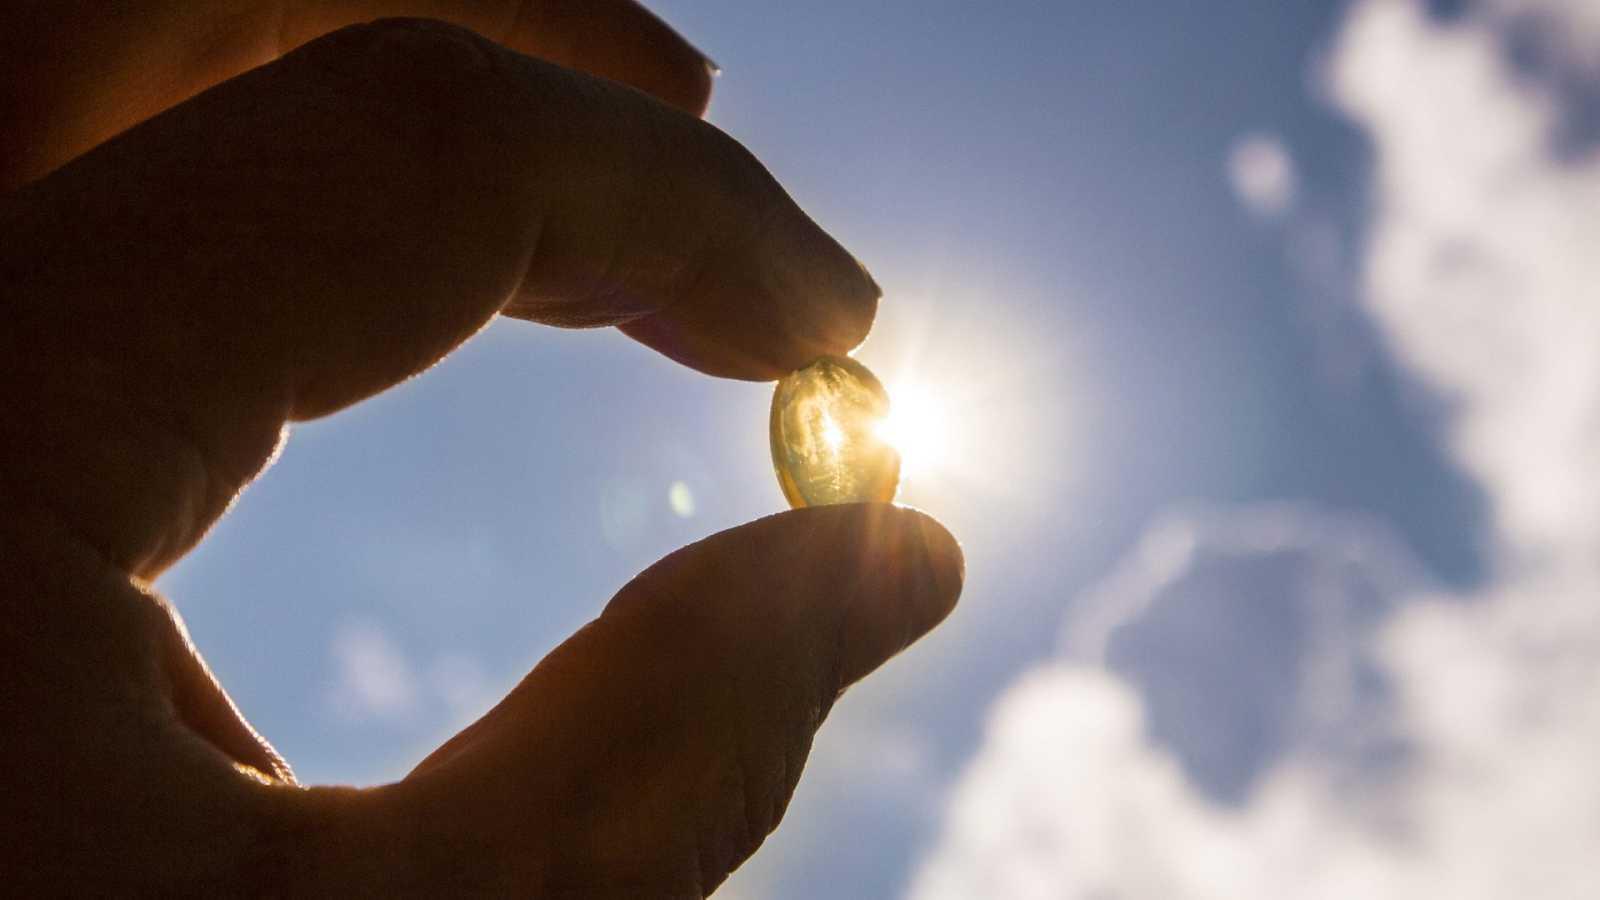 Futuro abierto - Vitamina D y COVID-19 - 25/04/21 - escuchar ahora